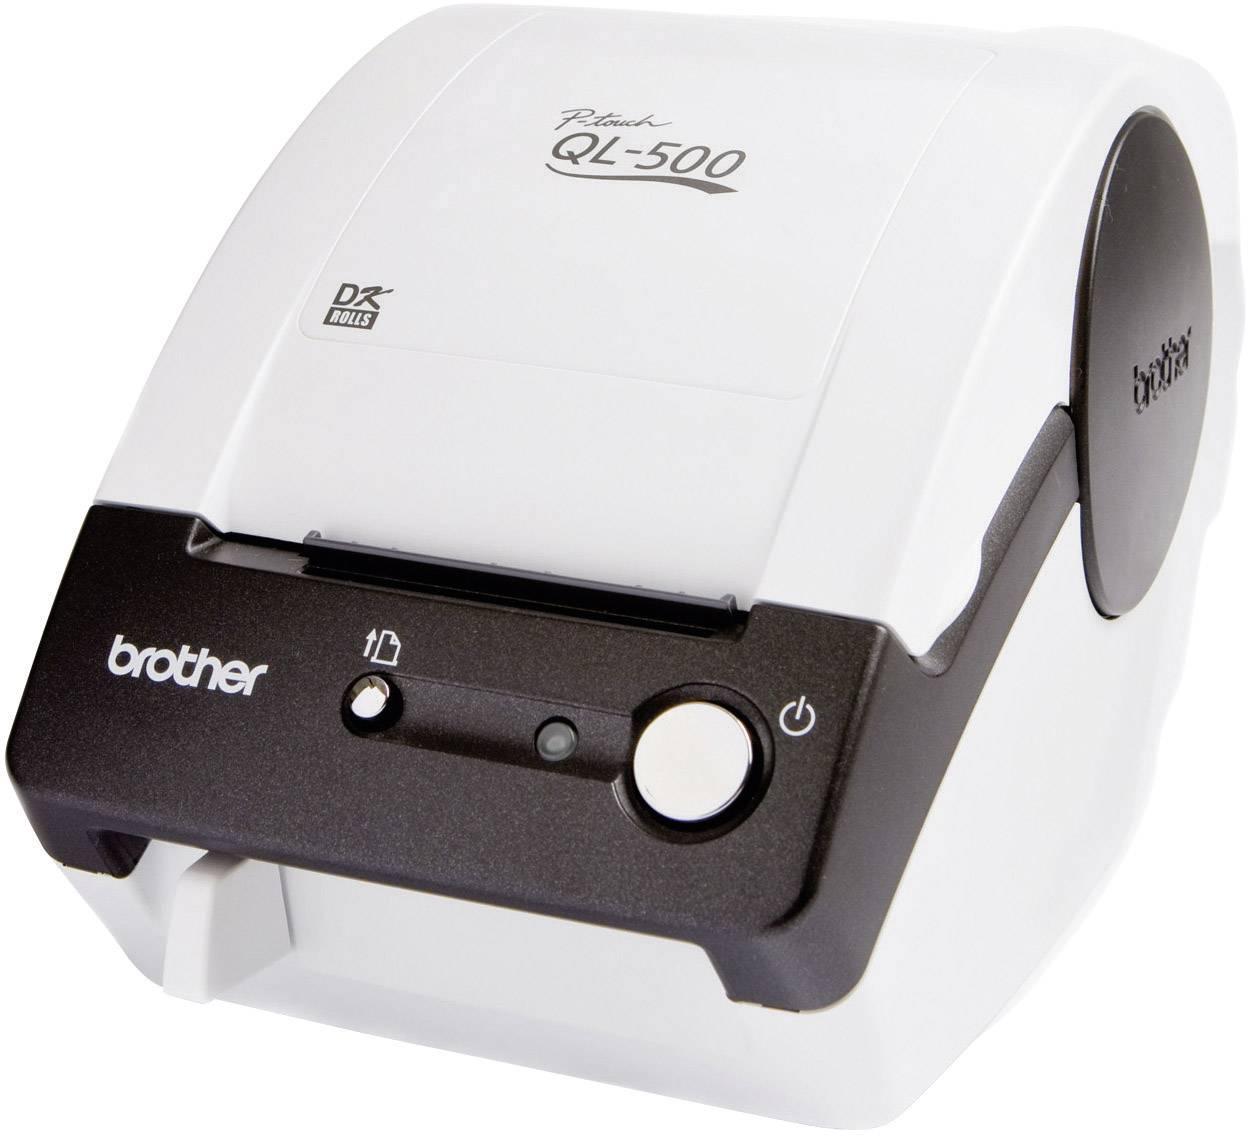 USB tlačiareň etikiet Brother Ql-500BW